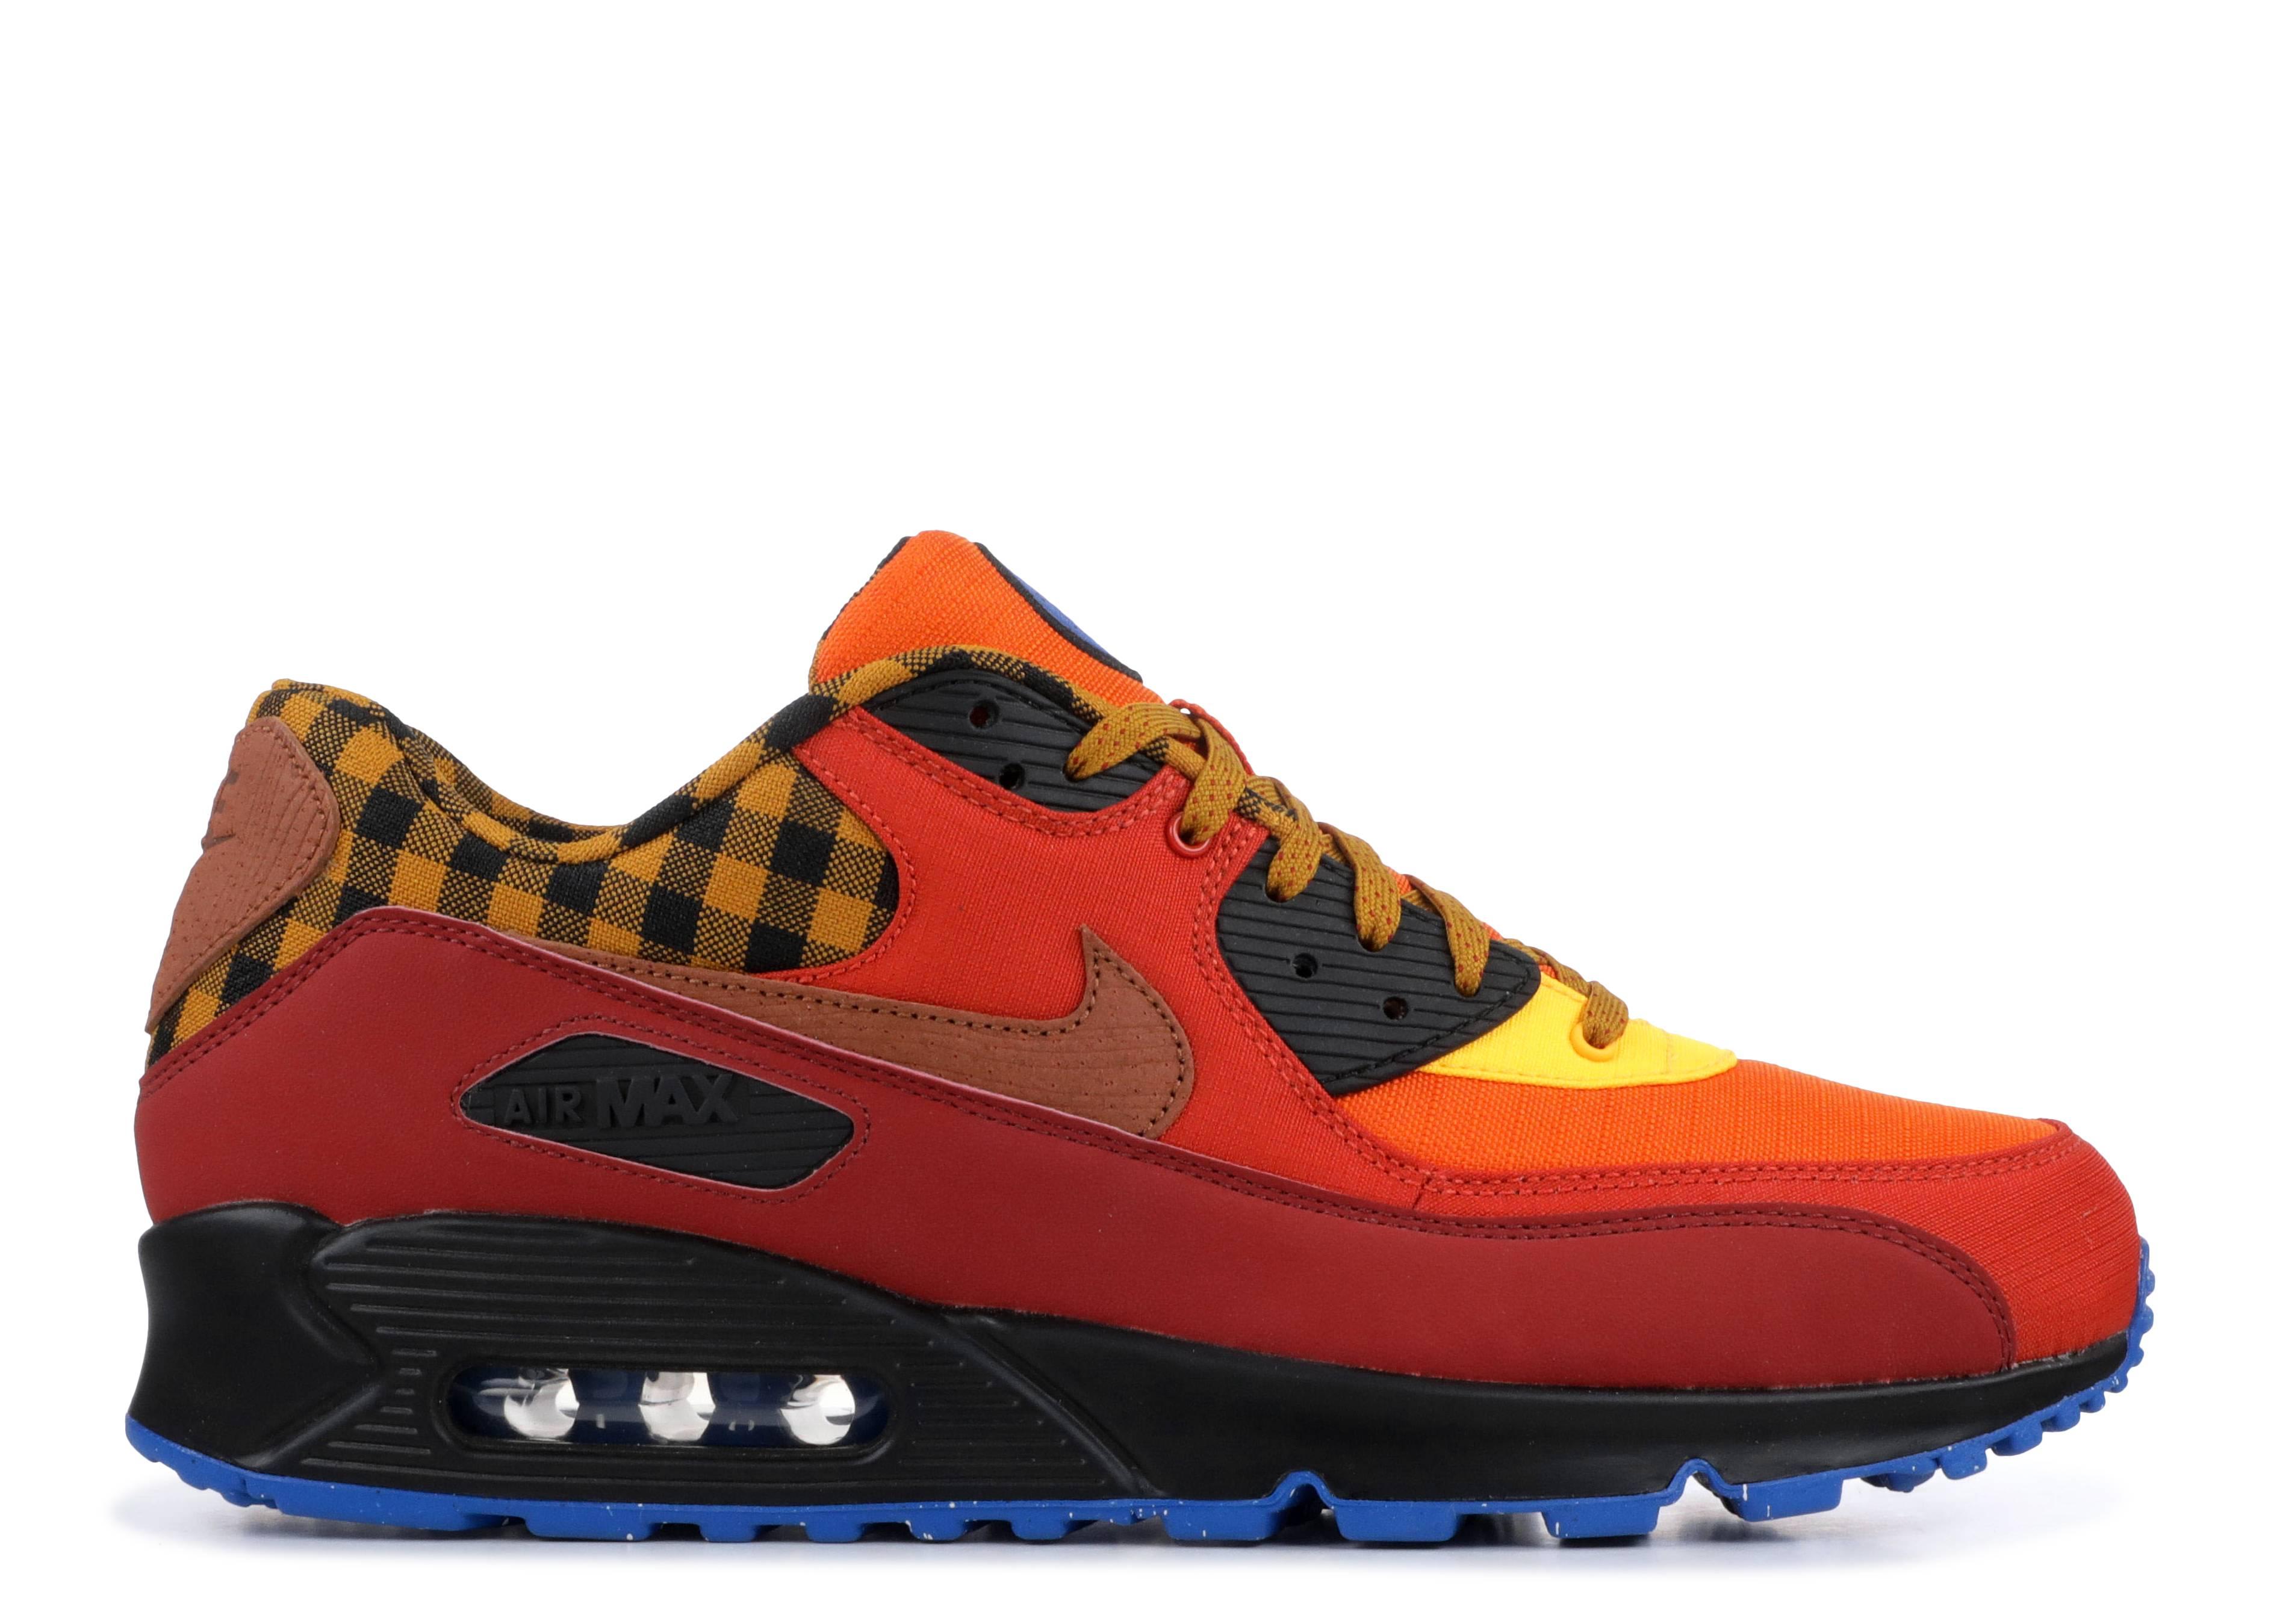 Nike Air Max 90 Premium - Nike - 700155 600 - dark cayenne cognac ... 39e794e9f